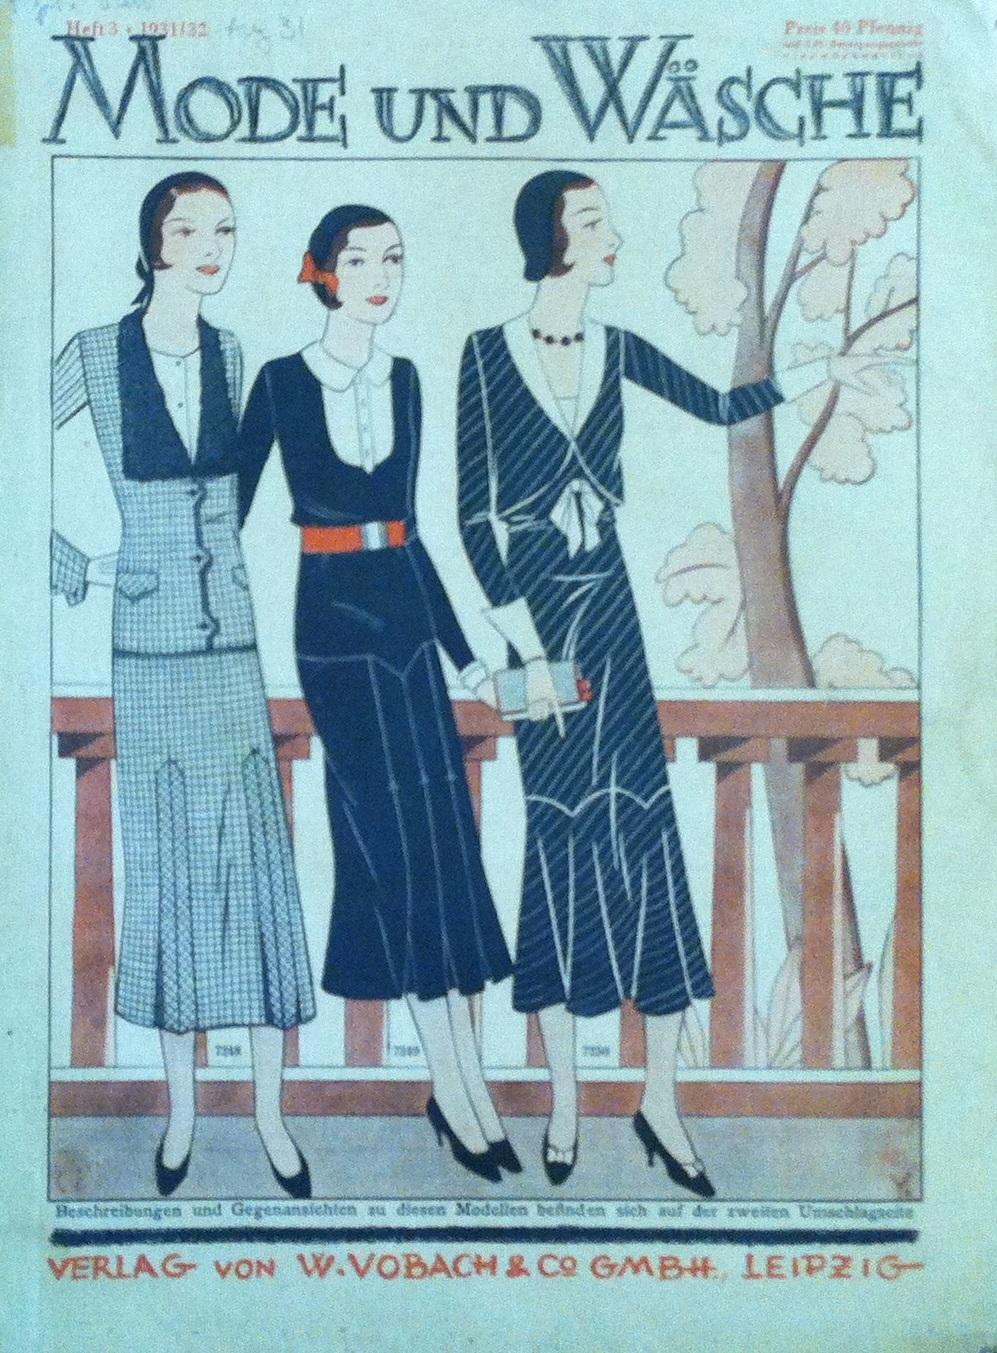 Mode und Wäsche No. 3 1931/32